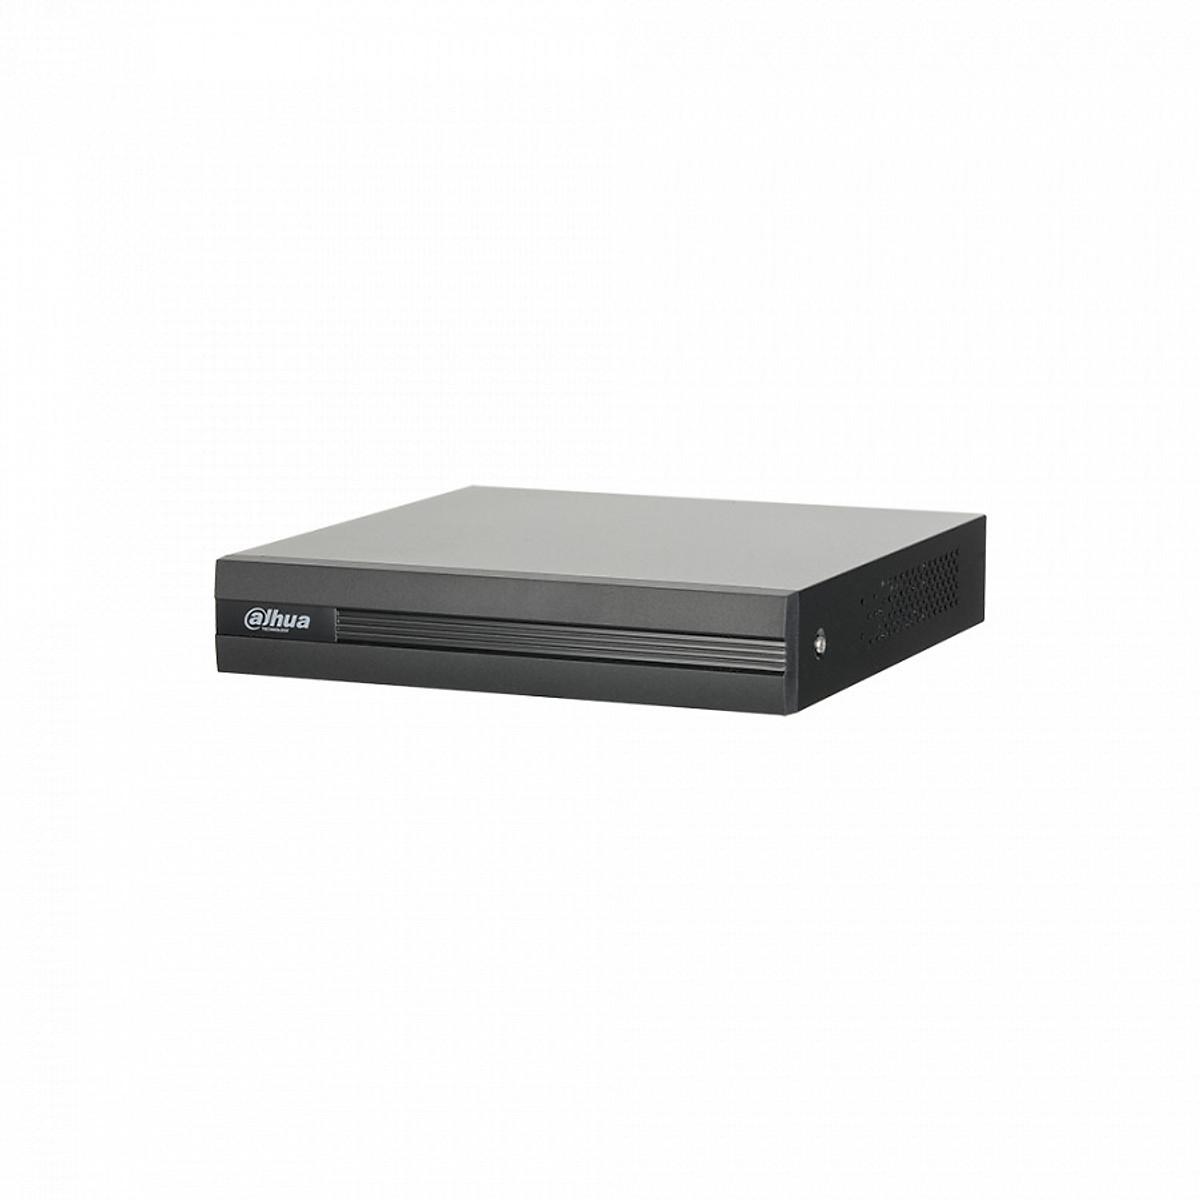 Đầu ghi hình 4 kênh HD-CVI chuẩn nén H.265+ Dahua XVR4104HS-X1 – Hàng nhập khẩu